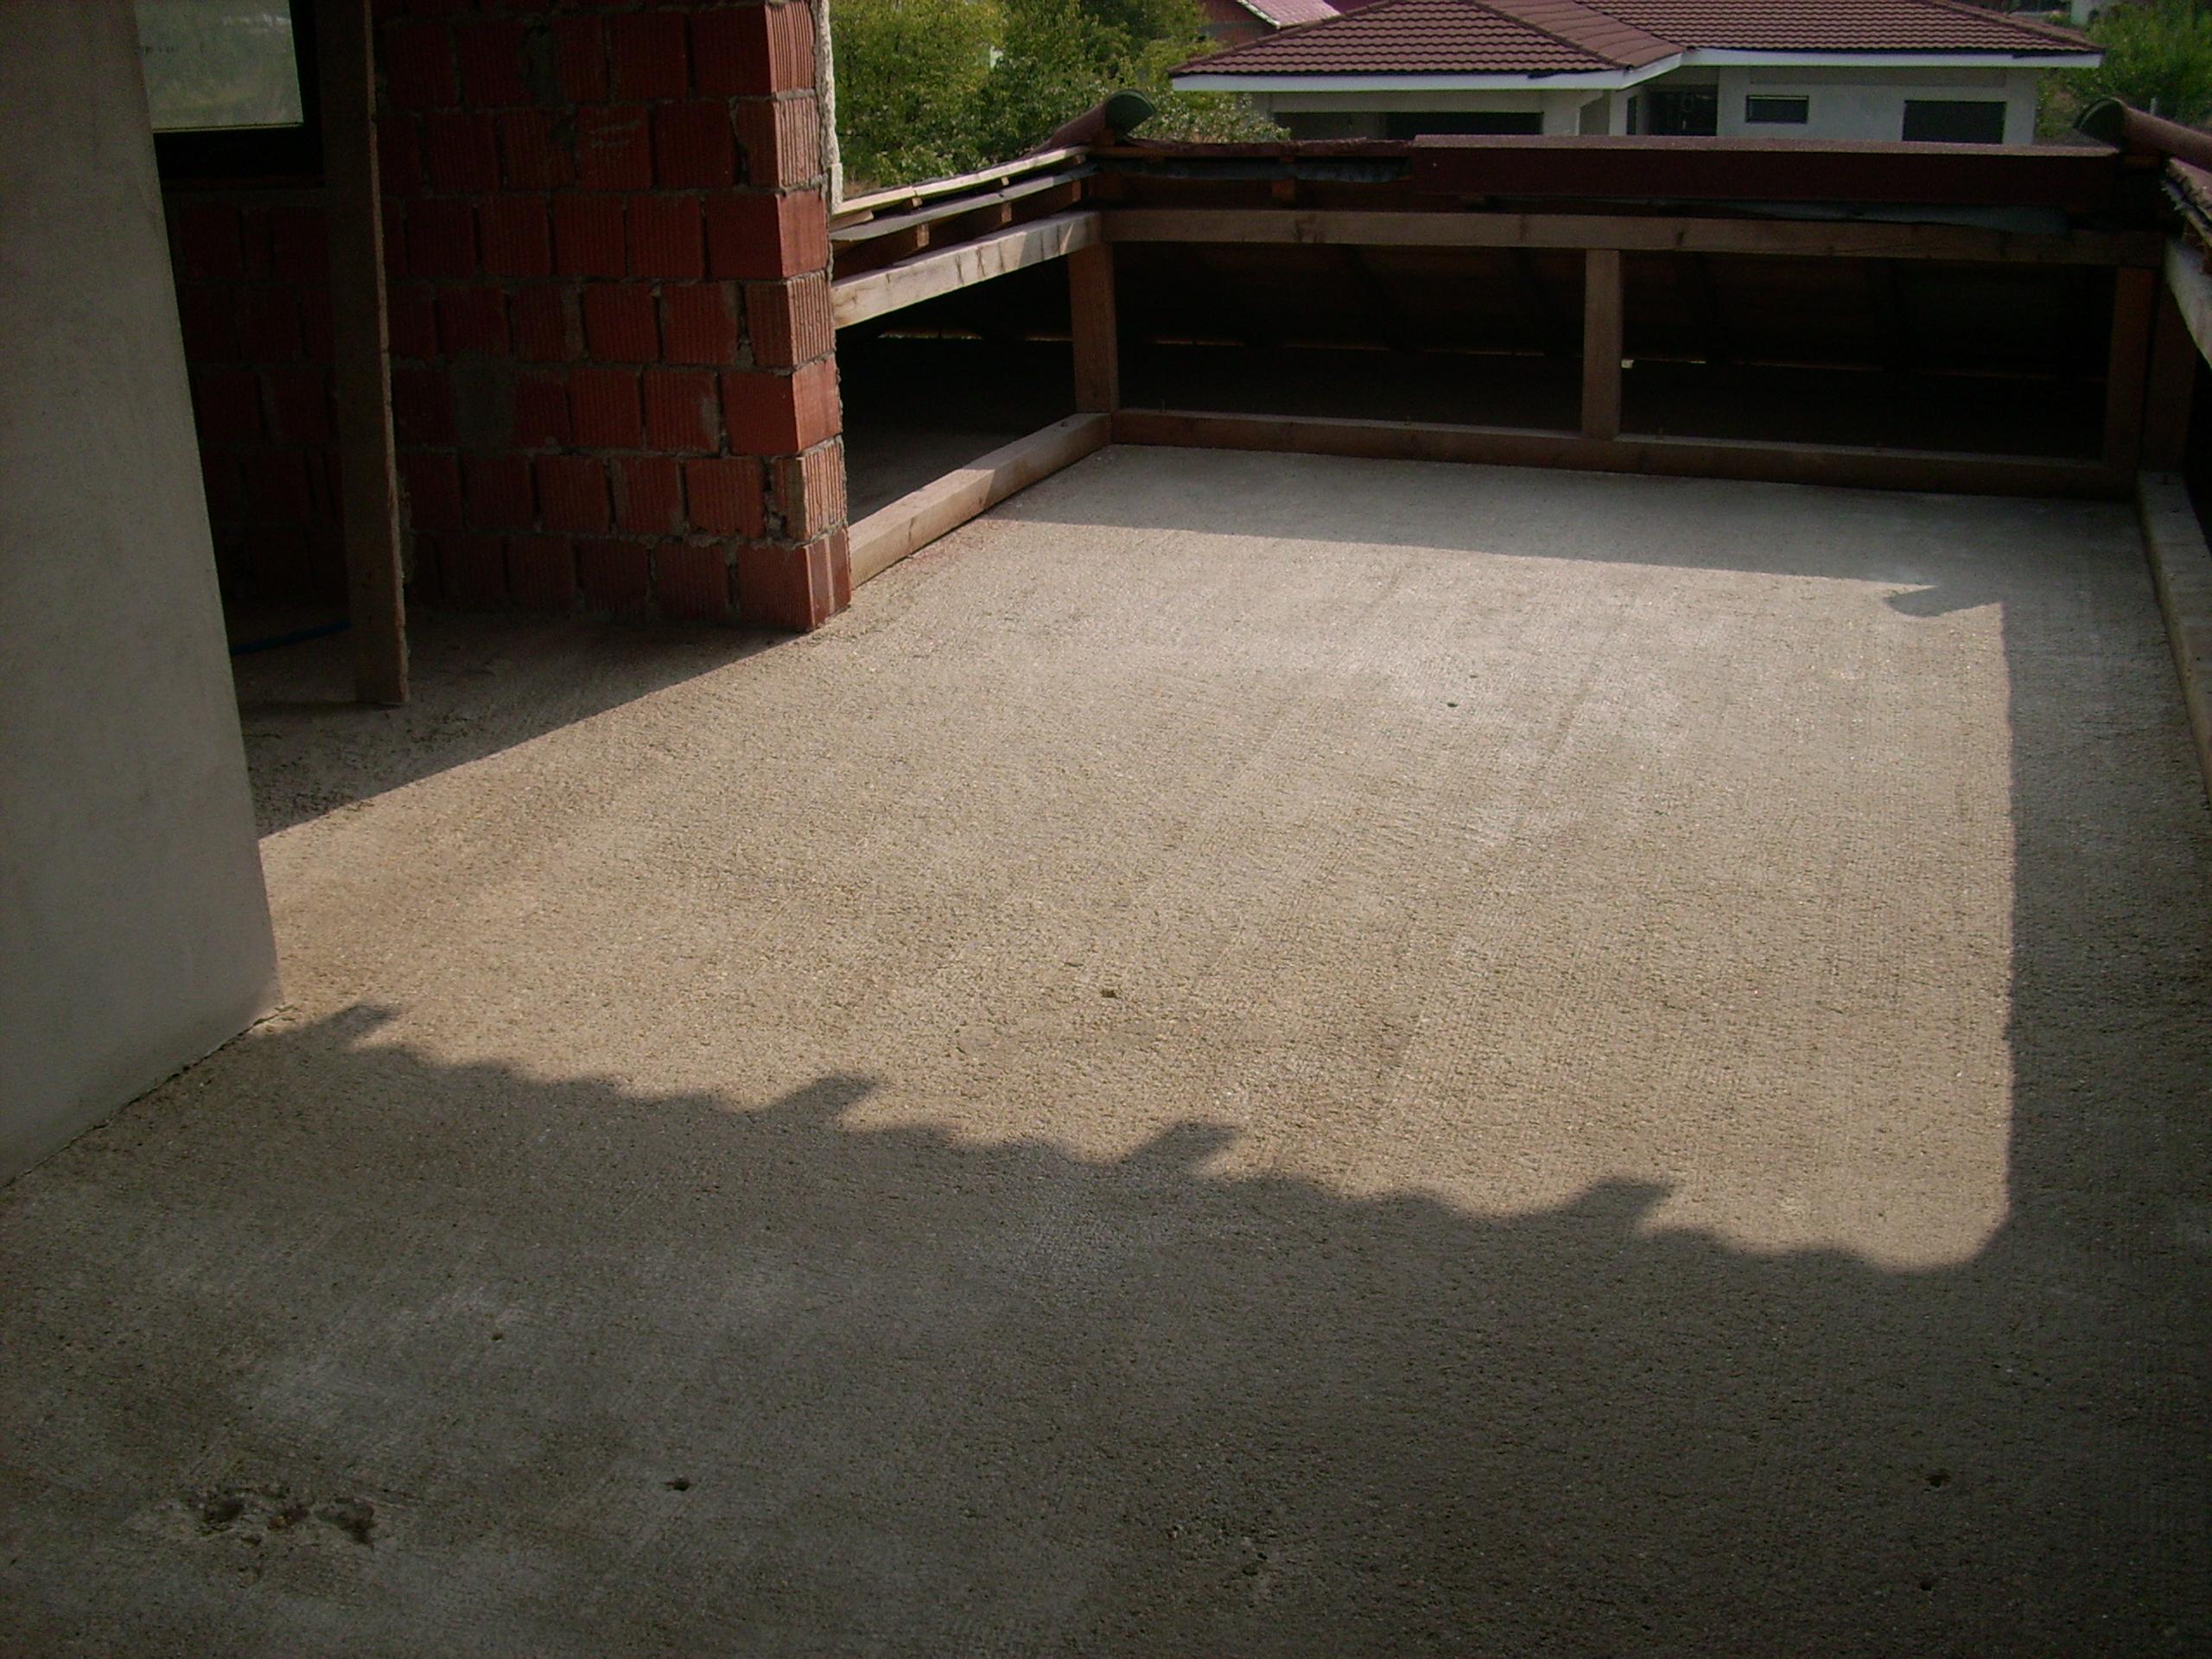 Aplicarea tratamentelor de impermeabilizare - Persoana privata - terasa UNICO PROFIT - Poza 19